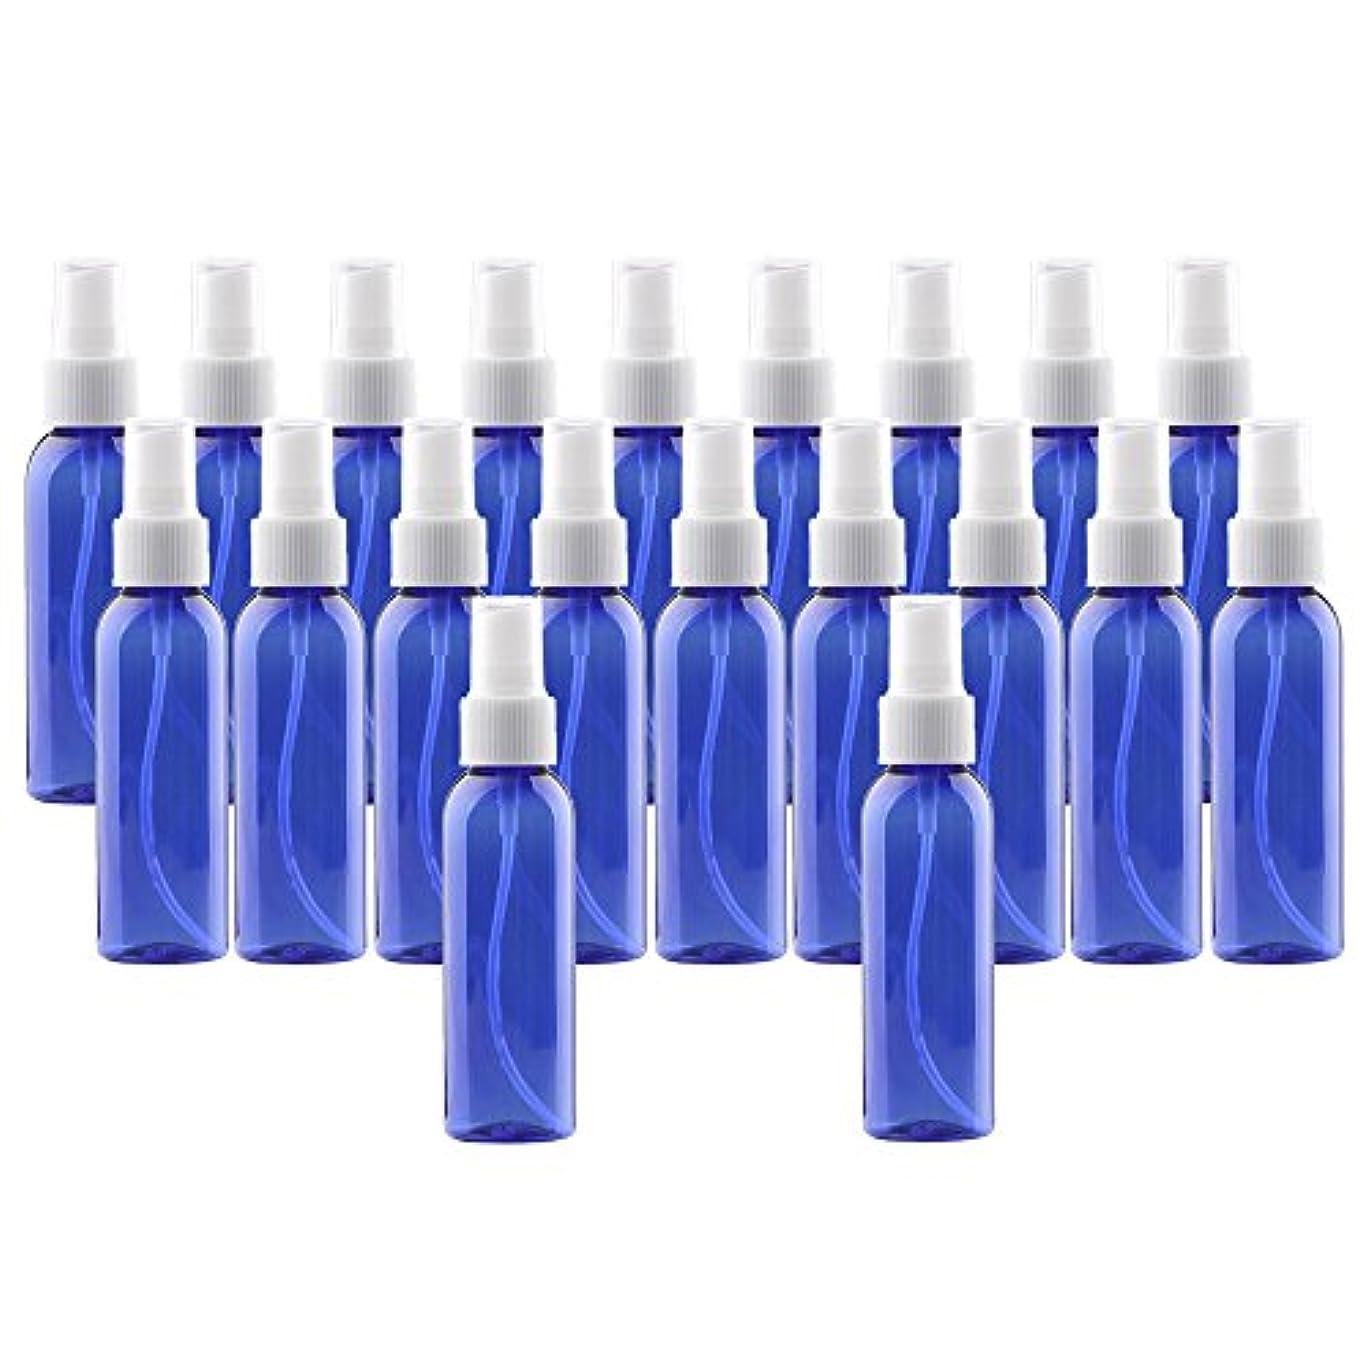 ピケギャロップリフレッシュDiystyle 20個セット スプレーボトル 60ml 空容器 香水アトマイザー プラスチック製 詰め替え 化粧品収納 保存容器 ダークブルー